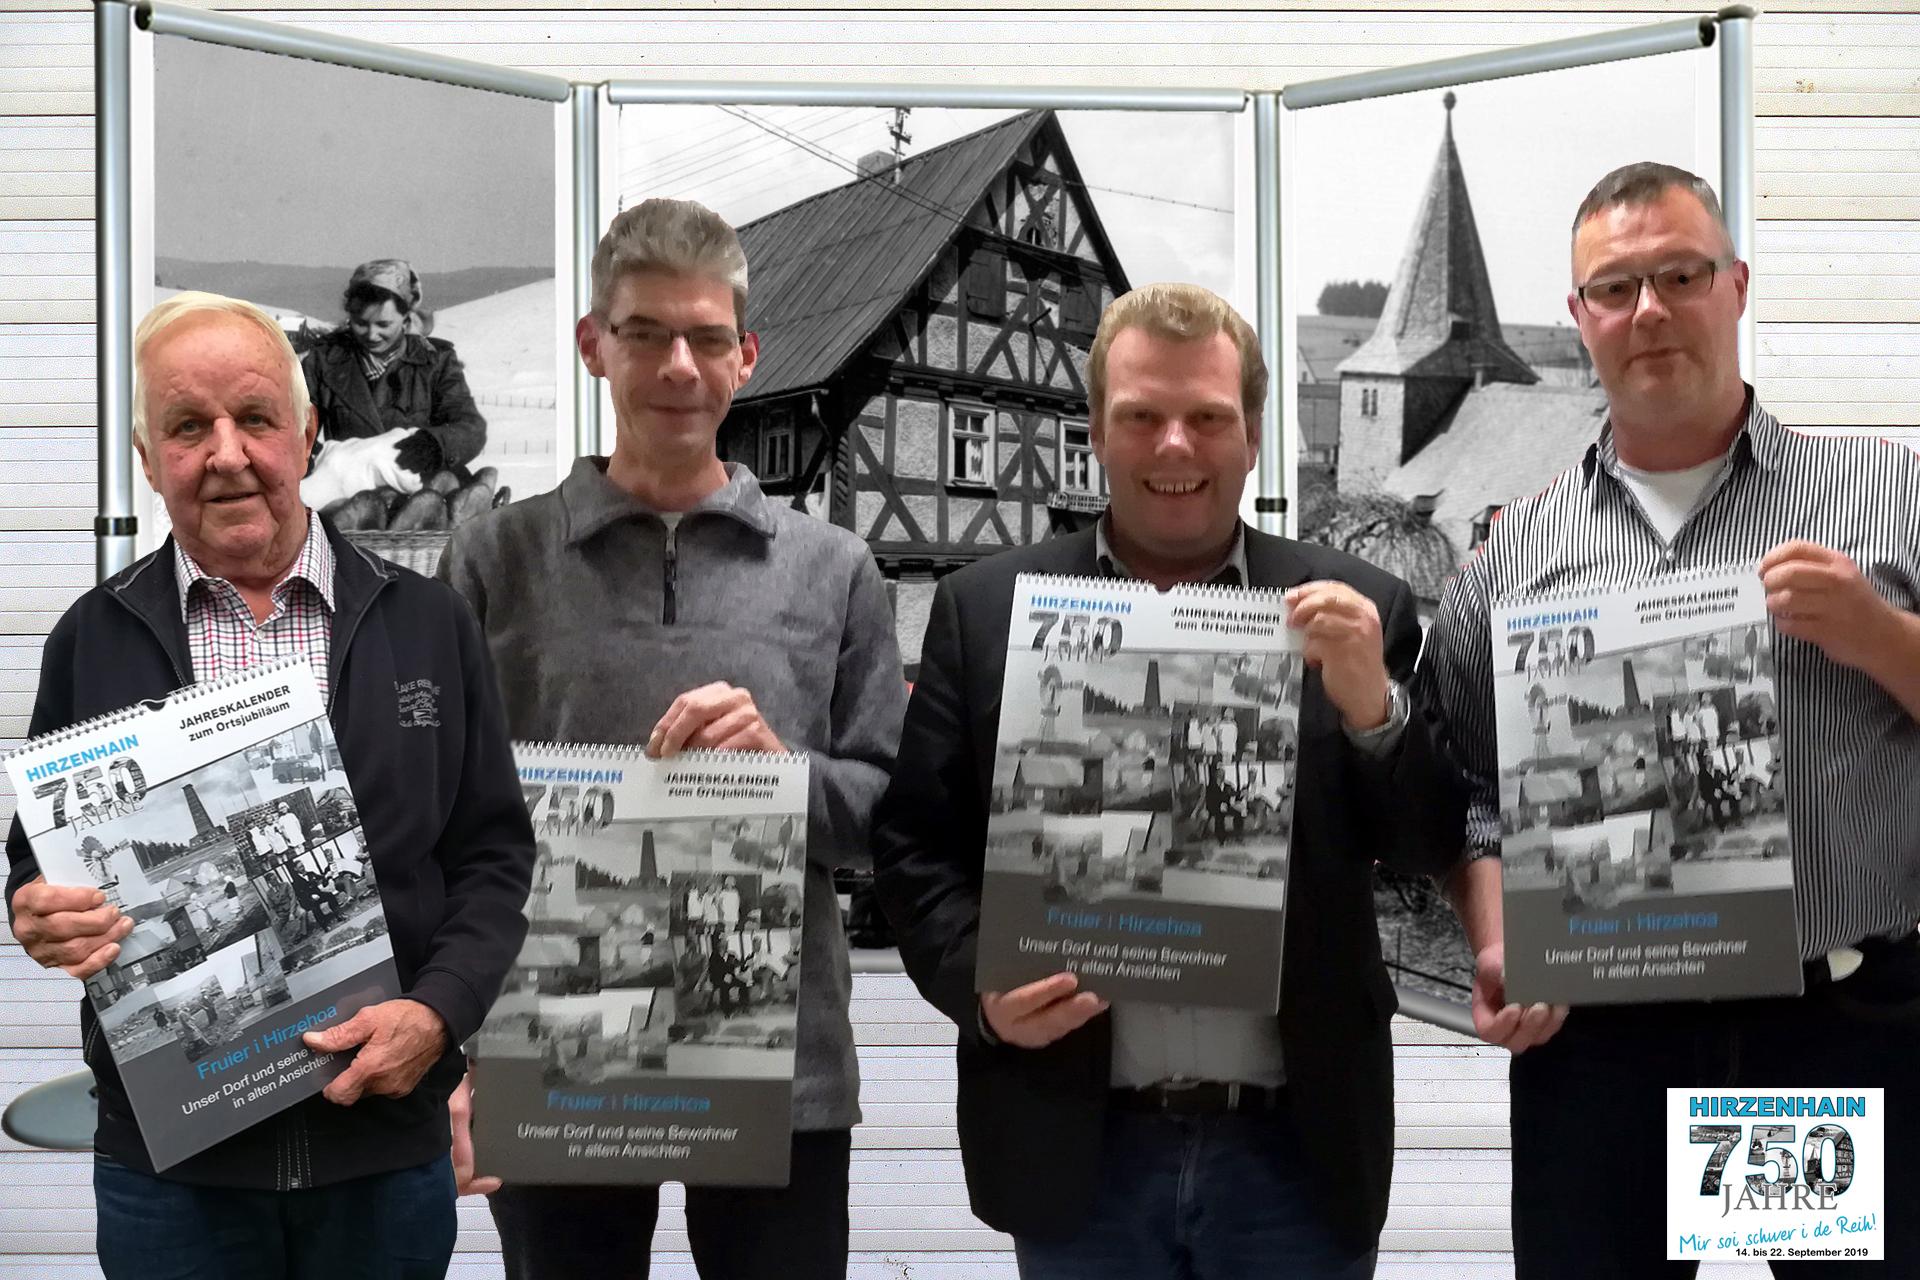 Ortsvorsteher Heiner Baum (rechts) und sein Stellvertreter Thomas Bieber (zweiter von links) überreichten das erste Exemplar des Historischen Ortskalenders an Bürgermeister  Götz Konrad (zweiter von rechts). Dass das Projekt zustande kam, ist das Verdienst von Helmut Götzl (links). Er pflegt und verwaltet das Erbe seines Vaters, des 1992 verstorbenen Ortsfotografen Josef Götzl.